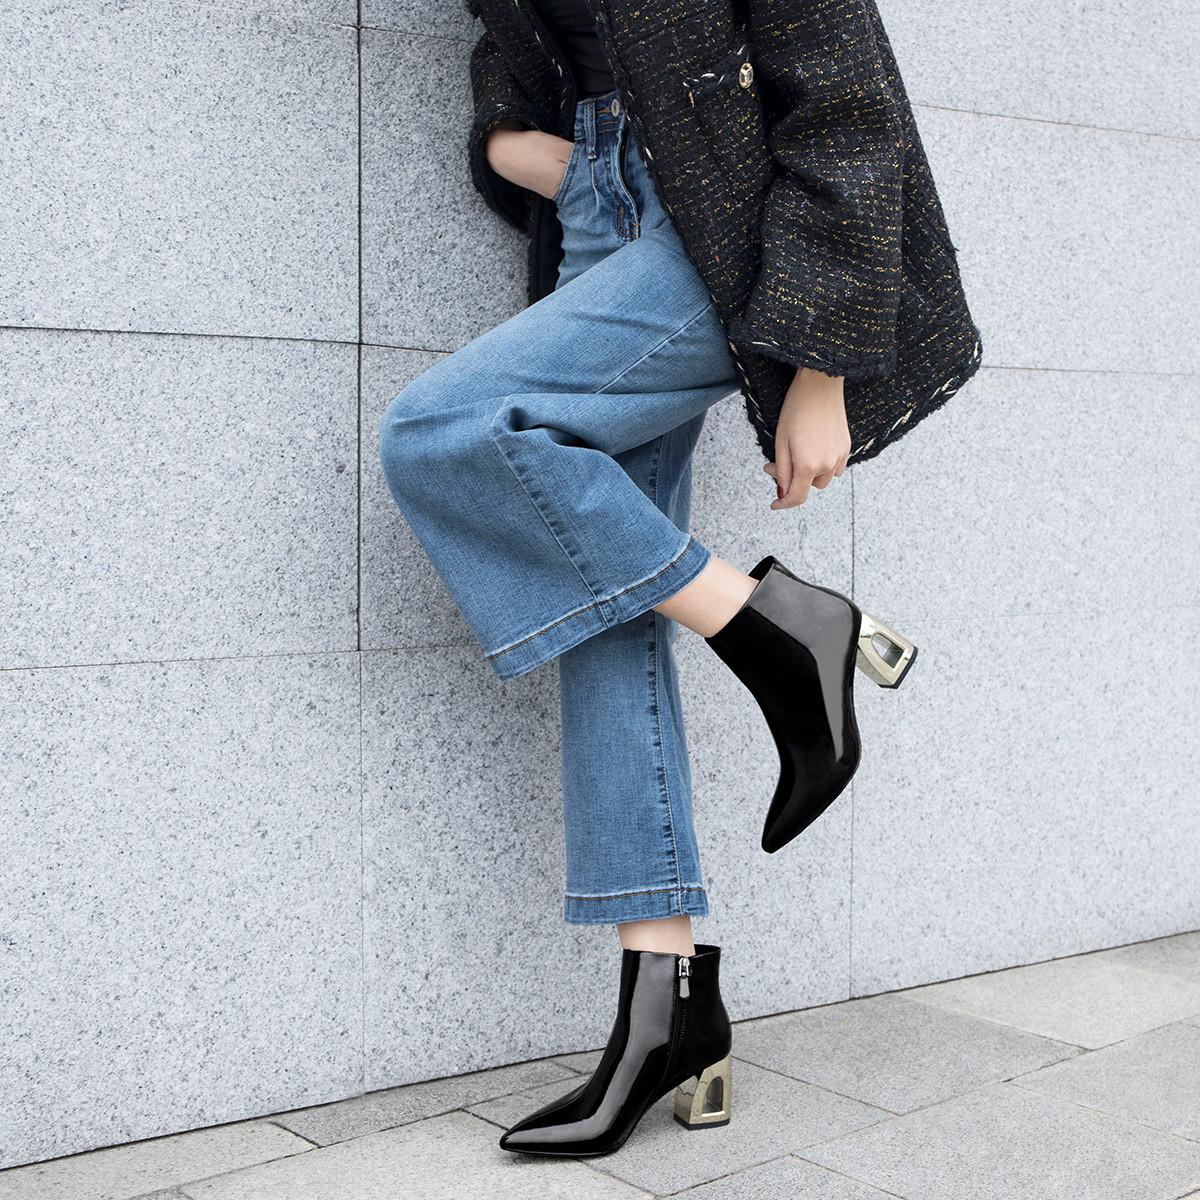 冷彤女短靴子2019冬新款漆皮尖头镂空跟薄绒短靴女靴百搭切尔西靴R8DBRL0233BK